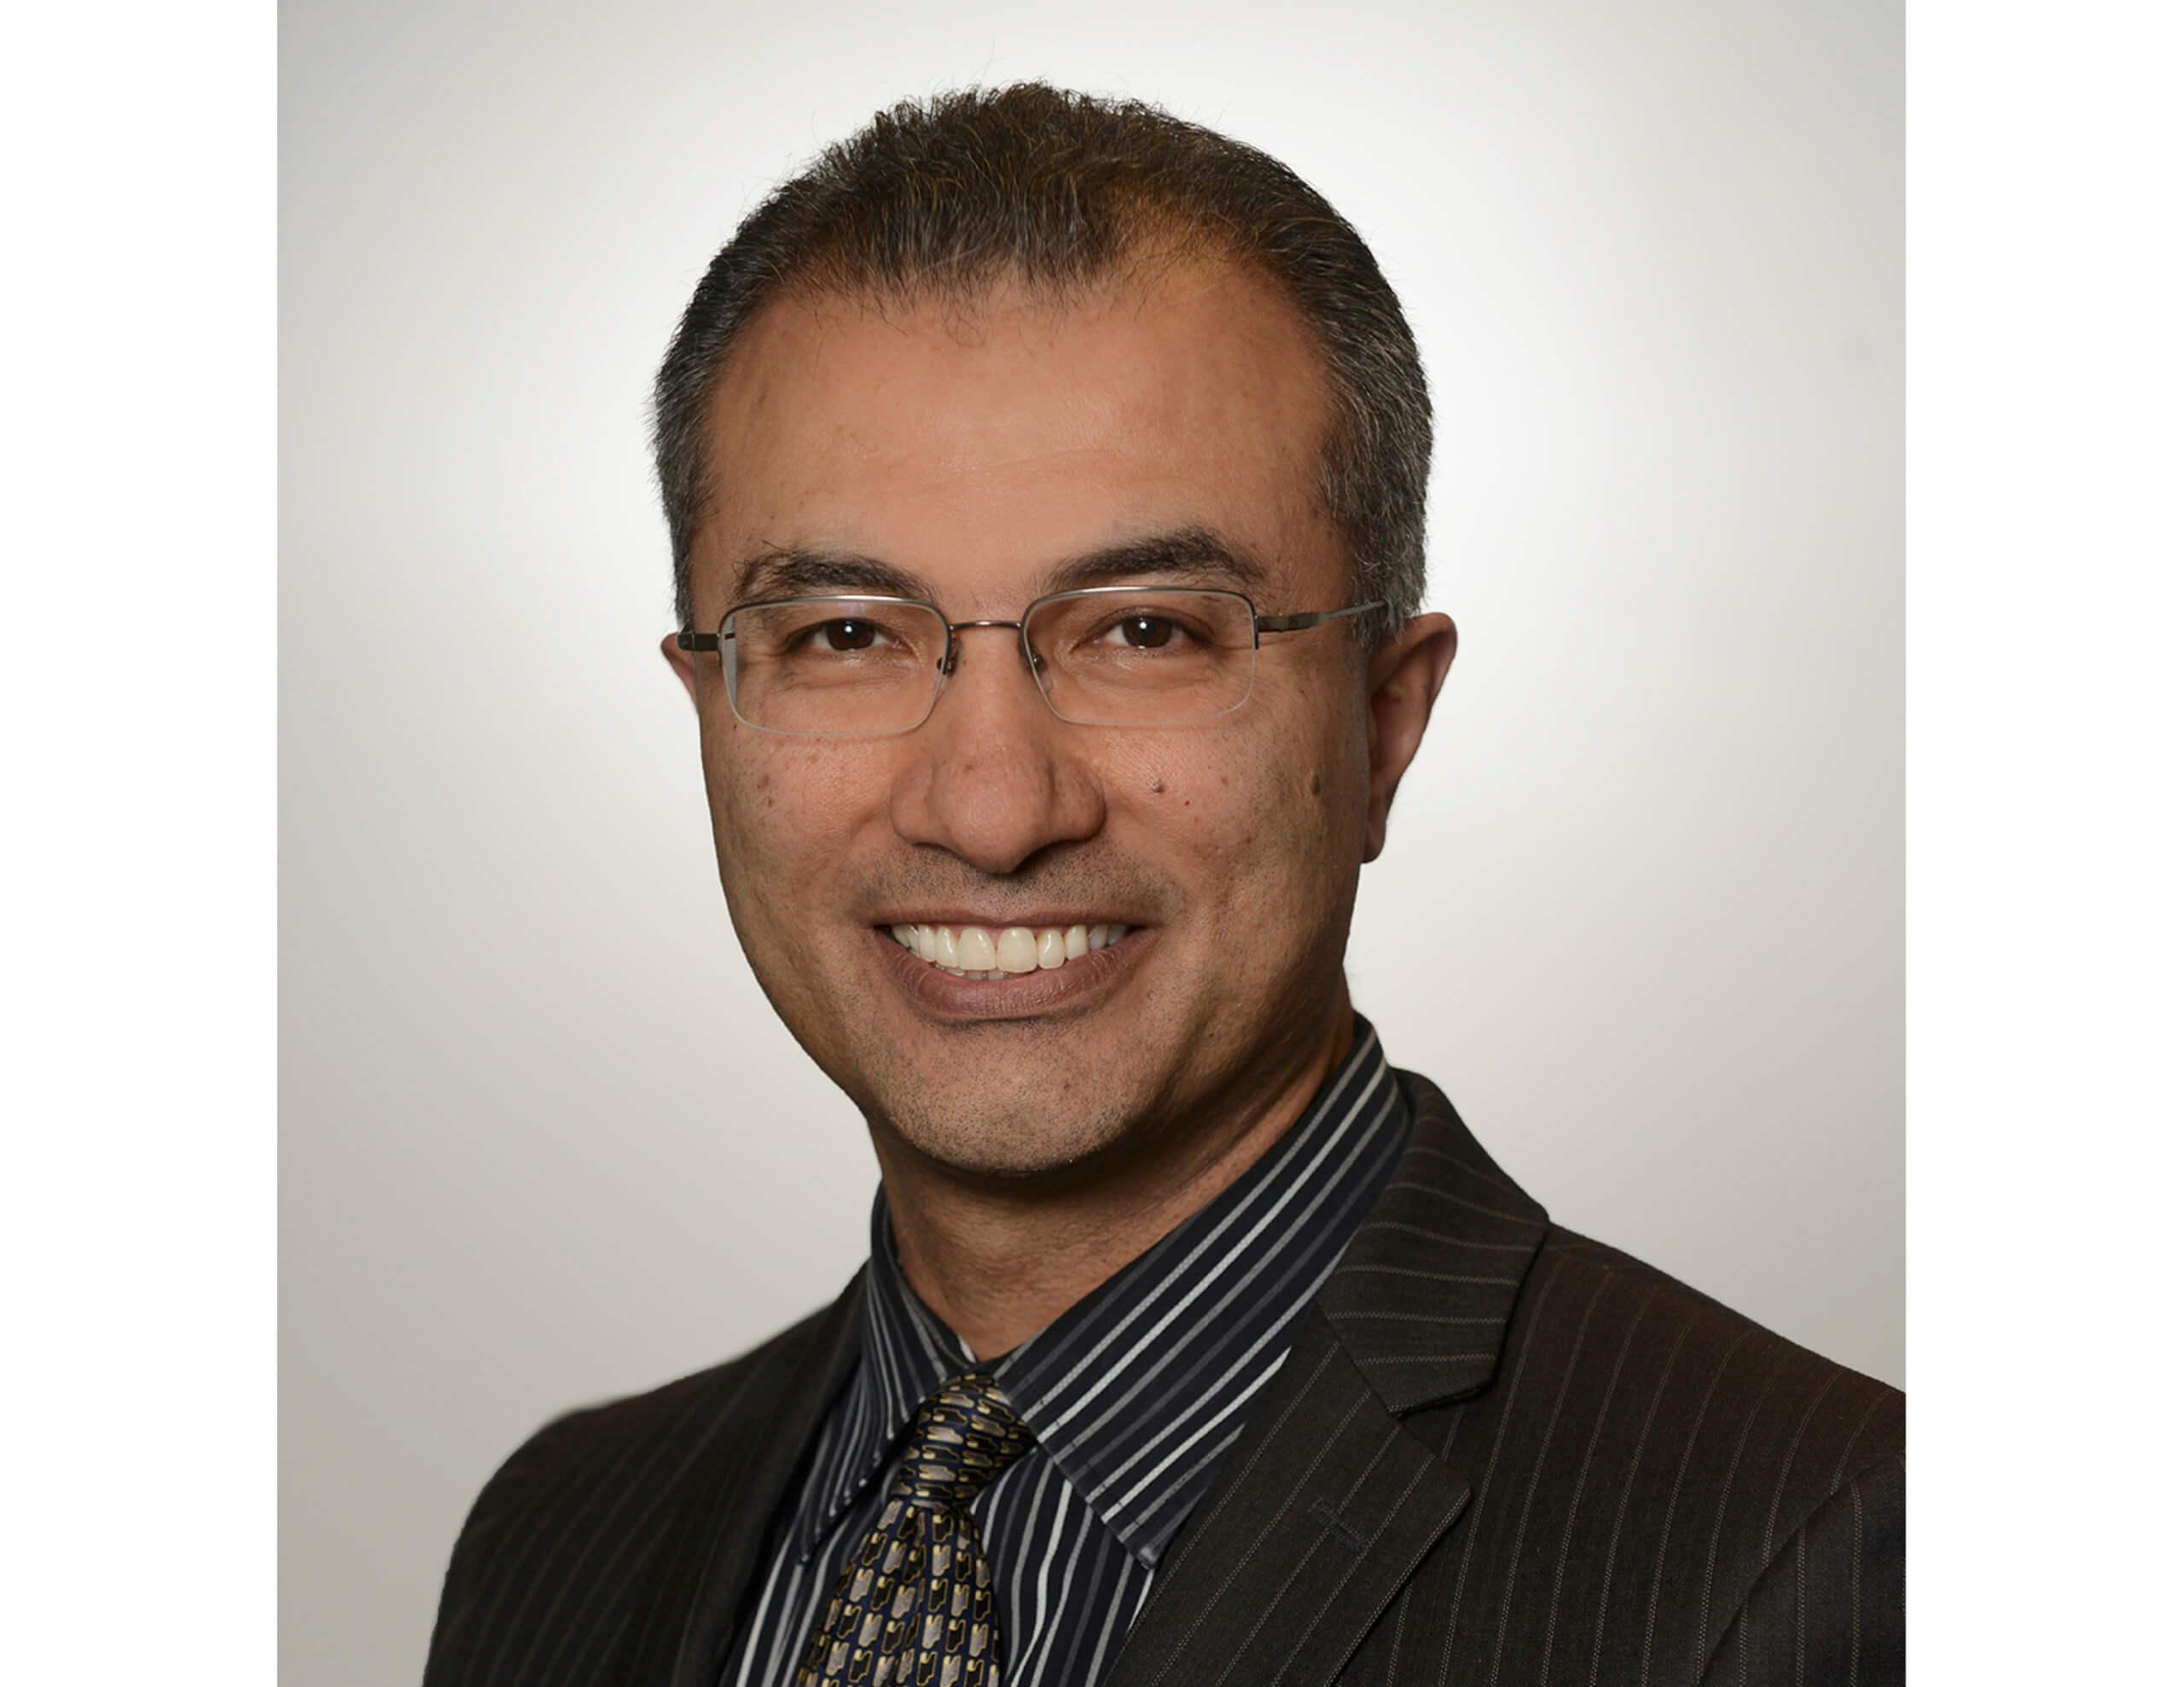 Esmaeil Porsa, M.D., MBA, MPH